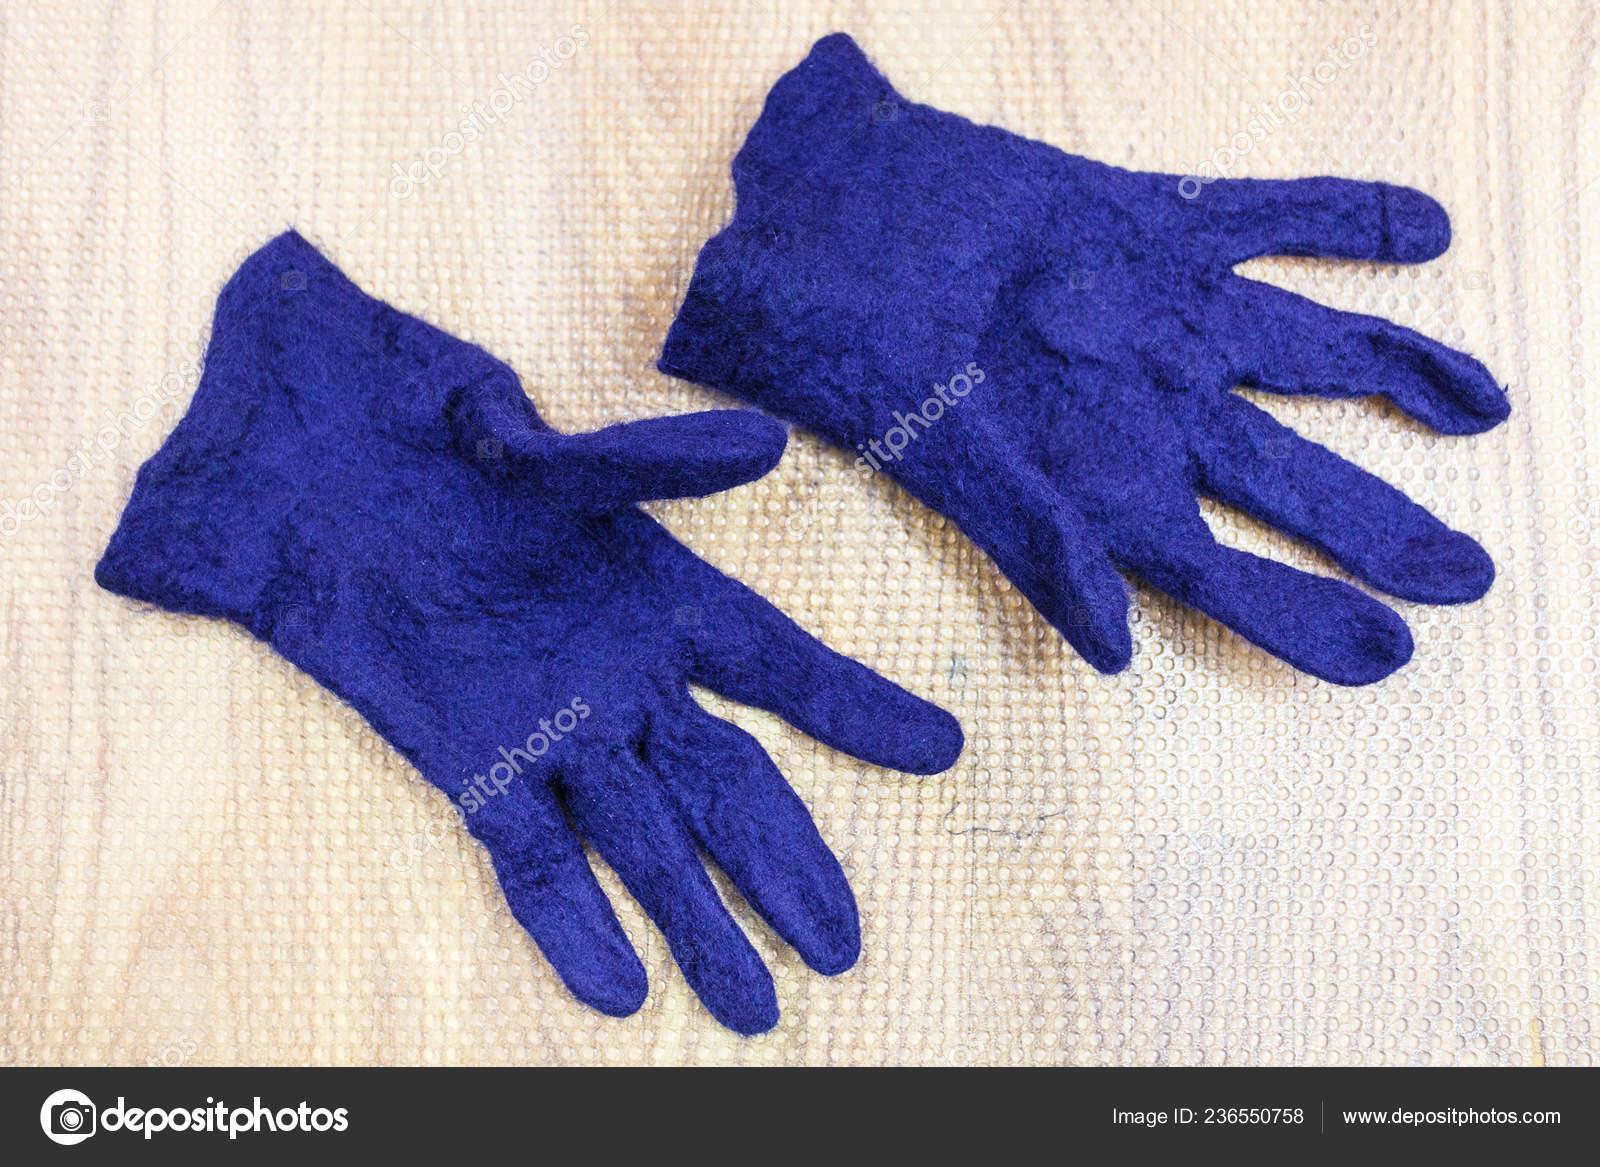 Werkstatt Von Hand Machen Ein Fleece Handschuhe Aus Blauer